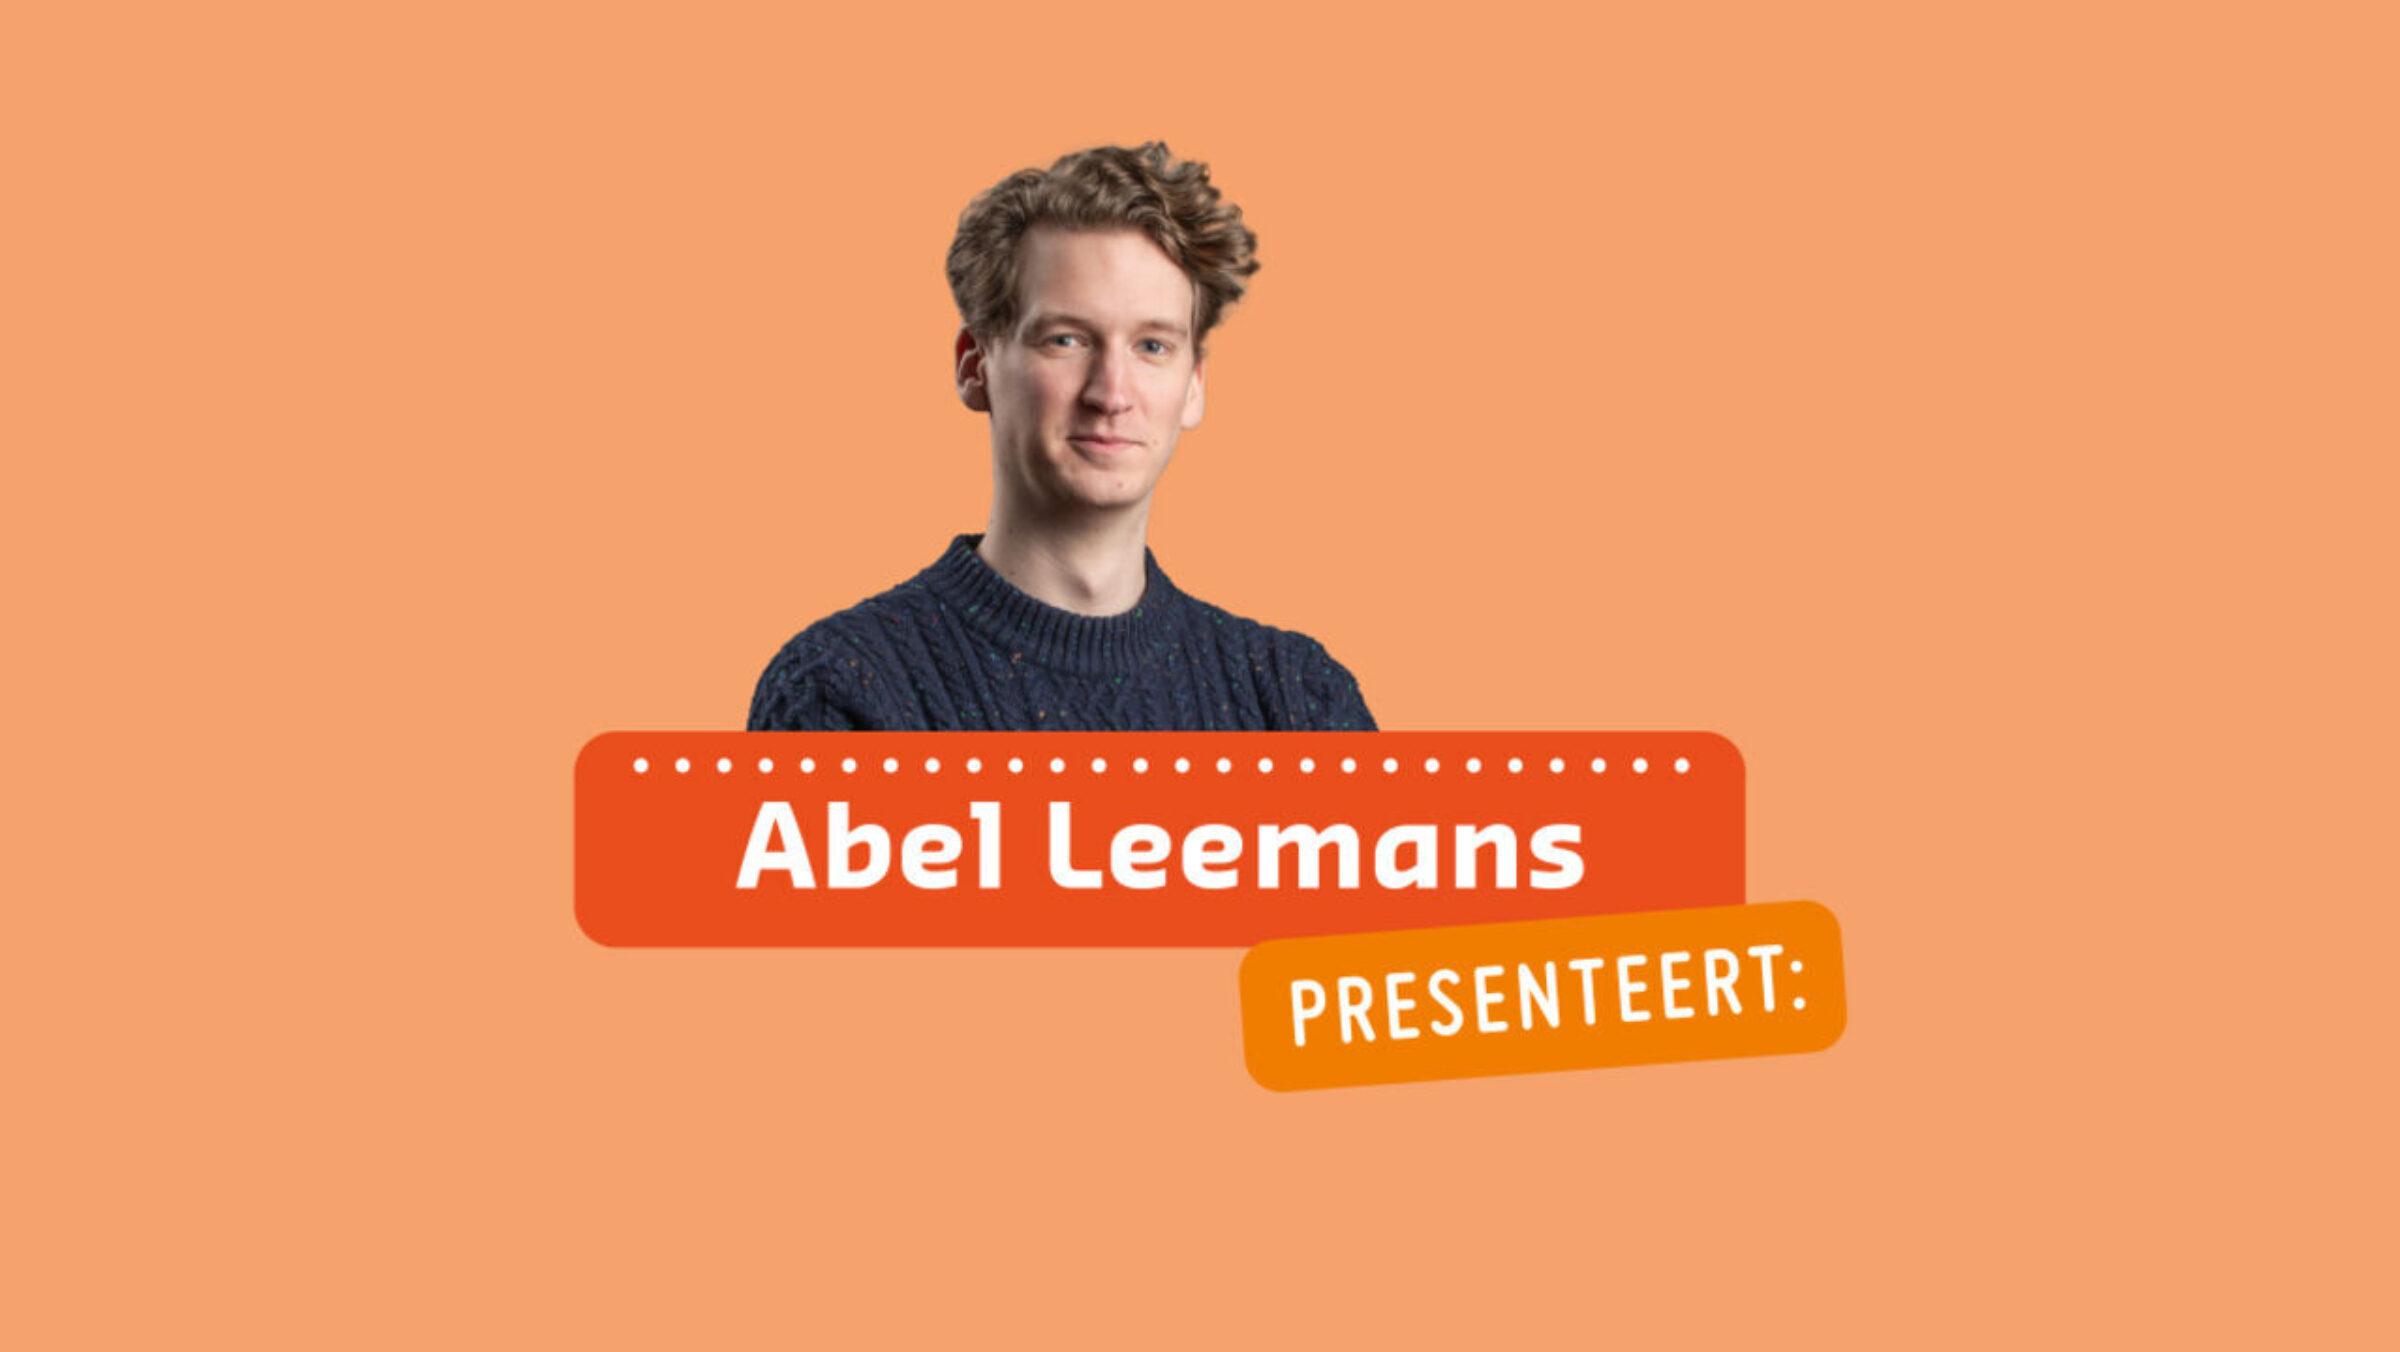 Abel Leemans presenteert